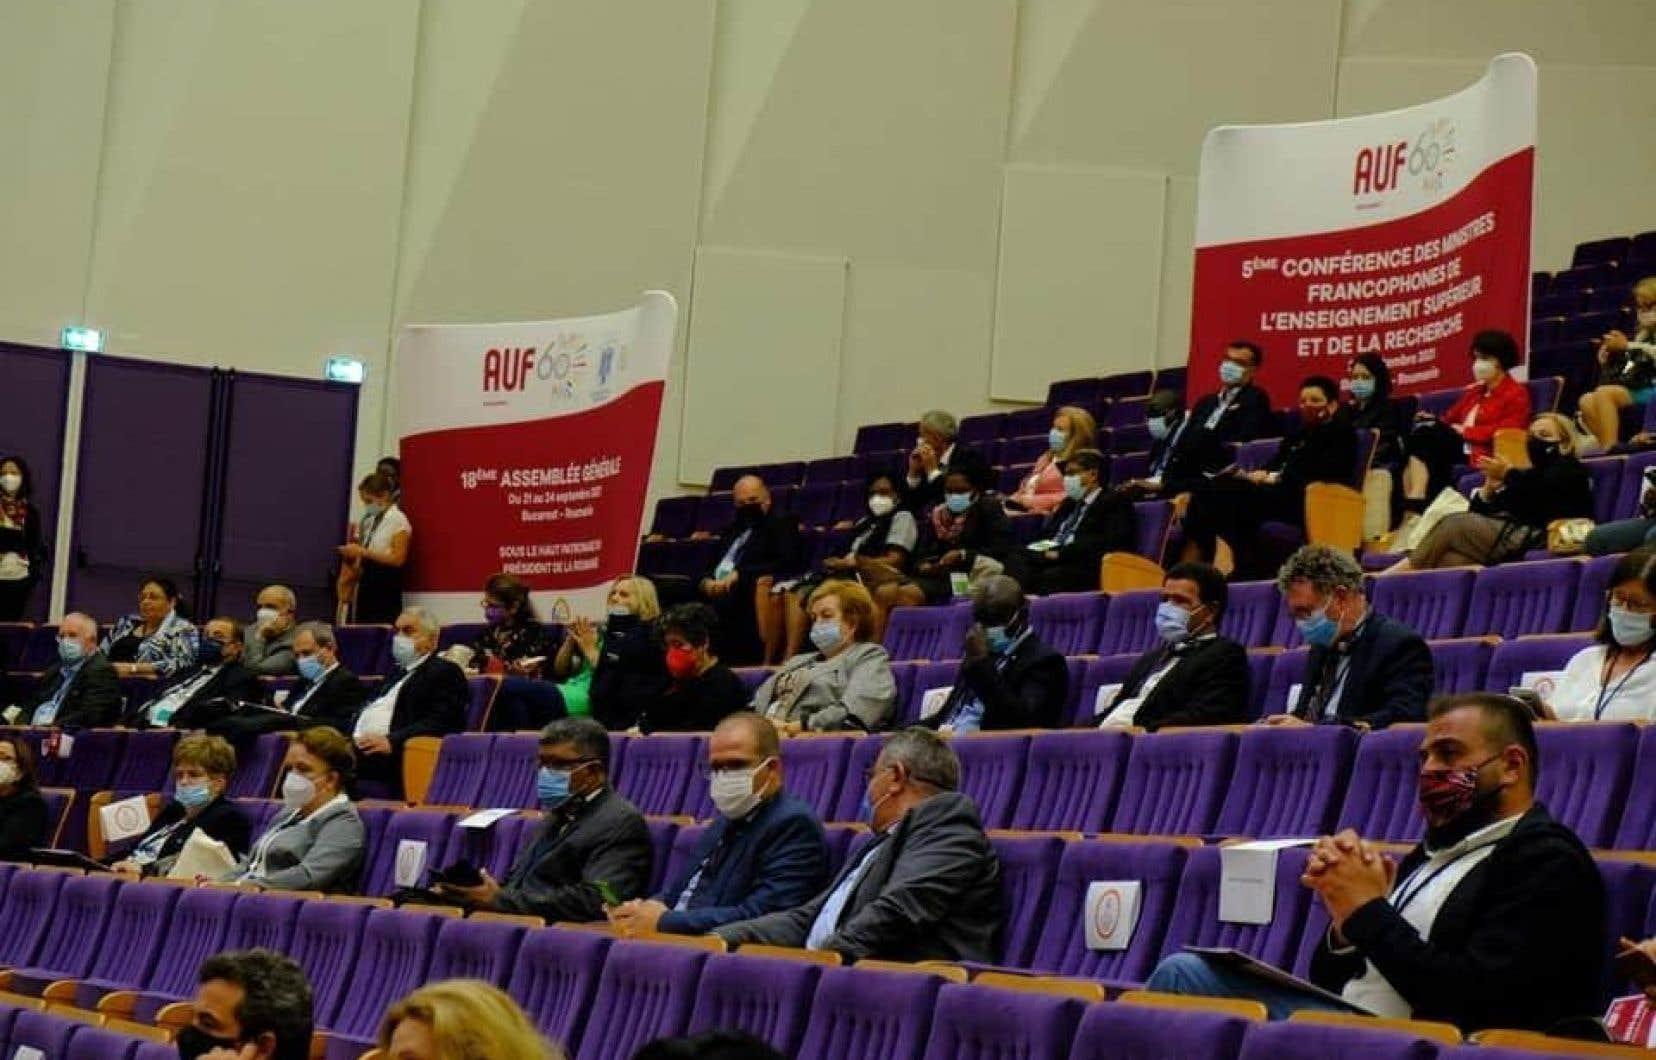 Plus de 15 000 personnes ont été consultées, dont les ministres francophones de l'Enseignement supérieur et de la Recherche.